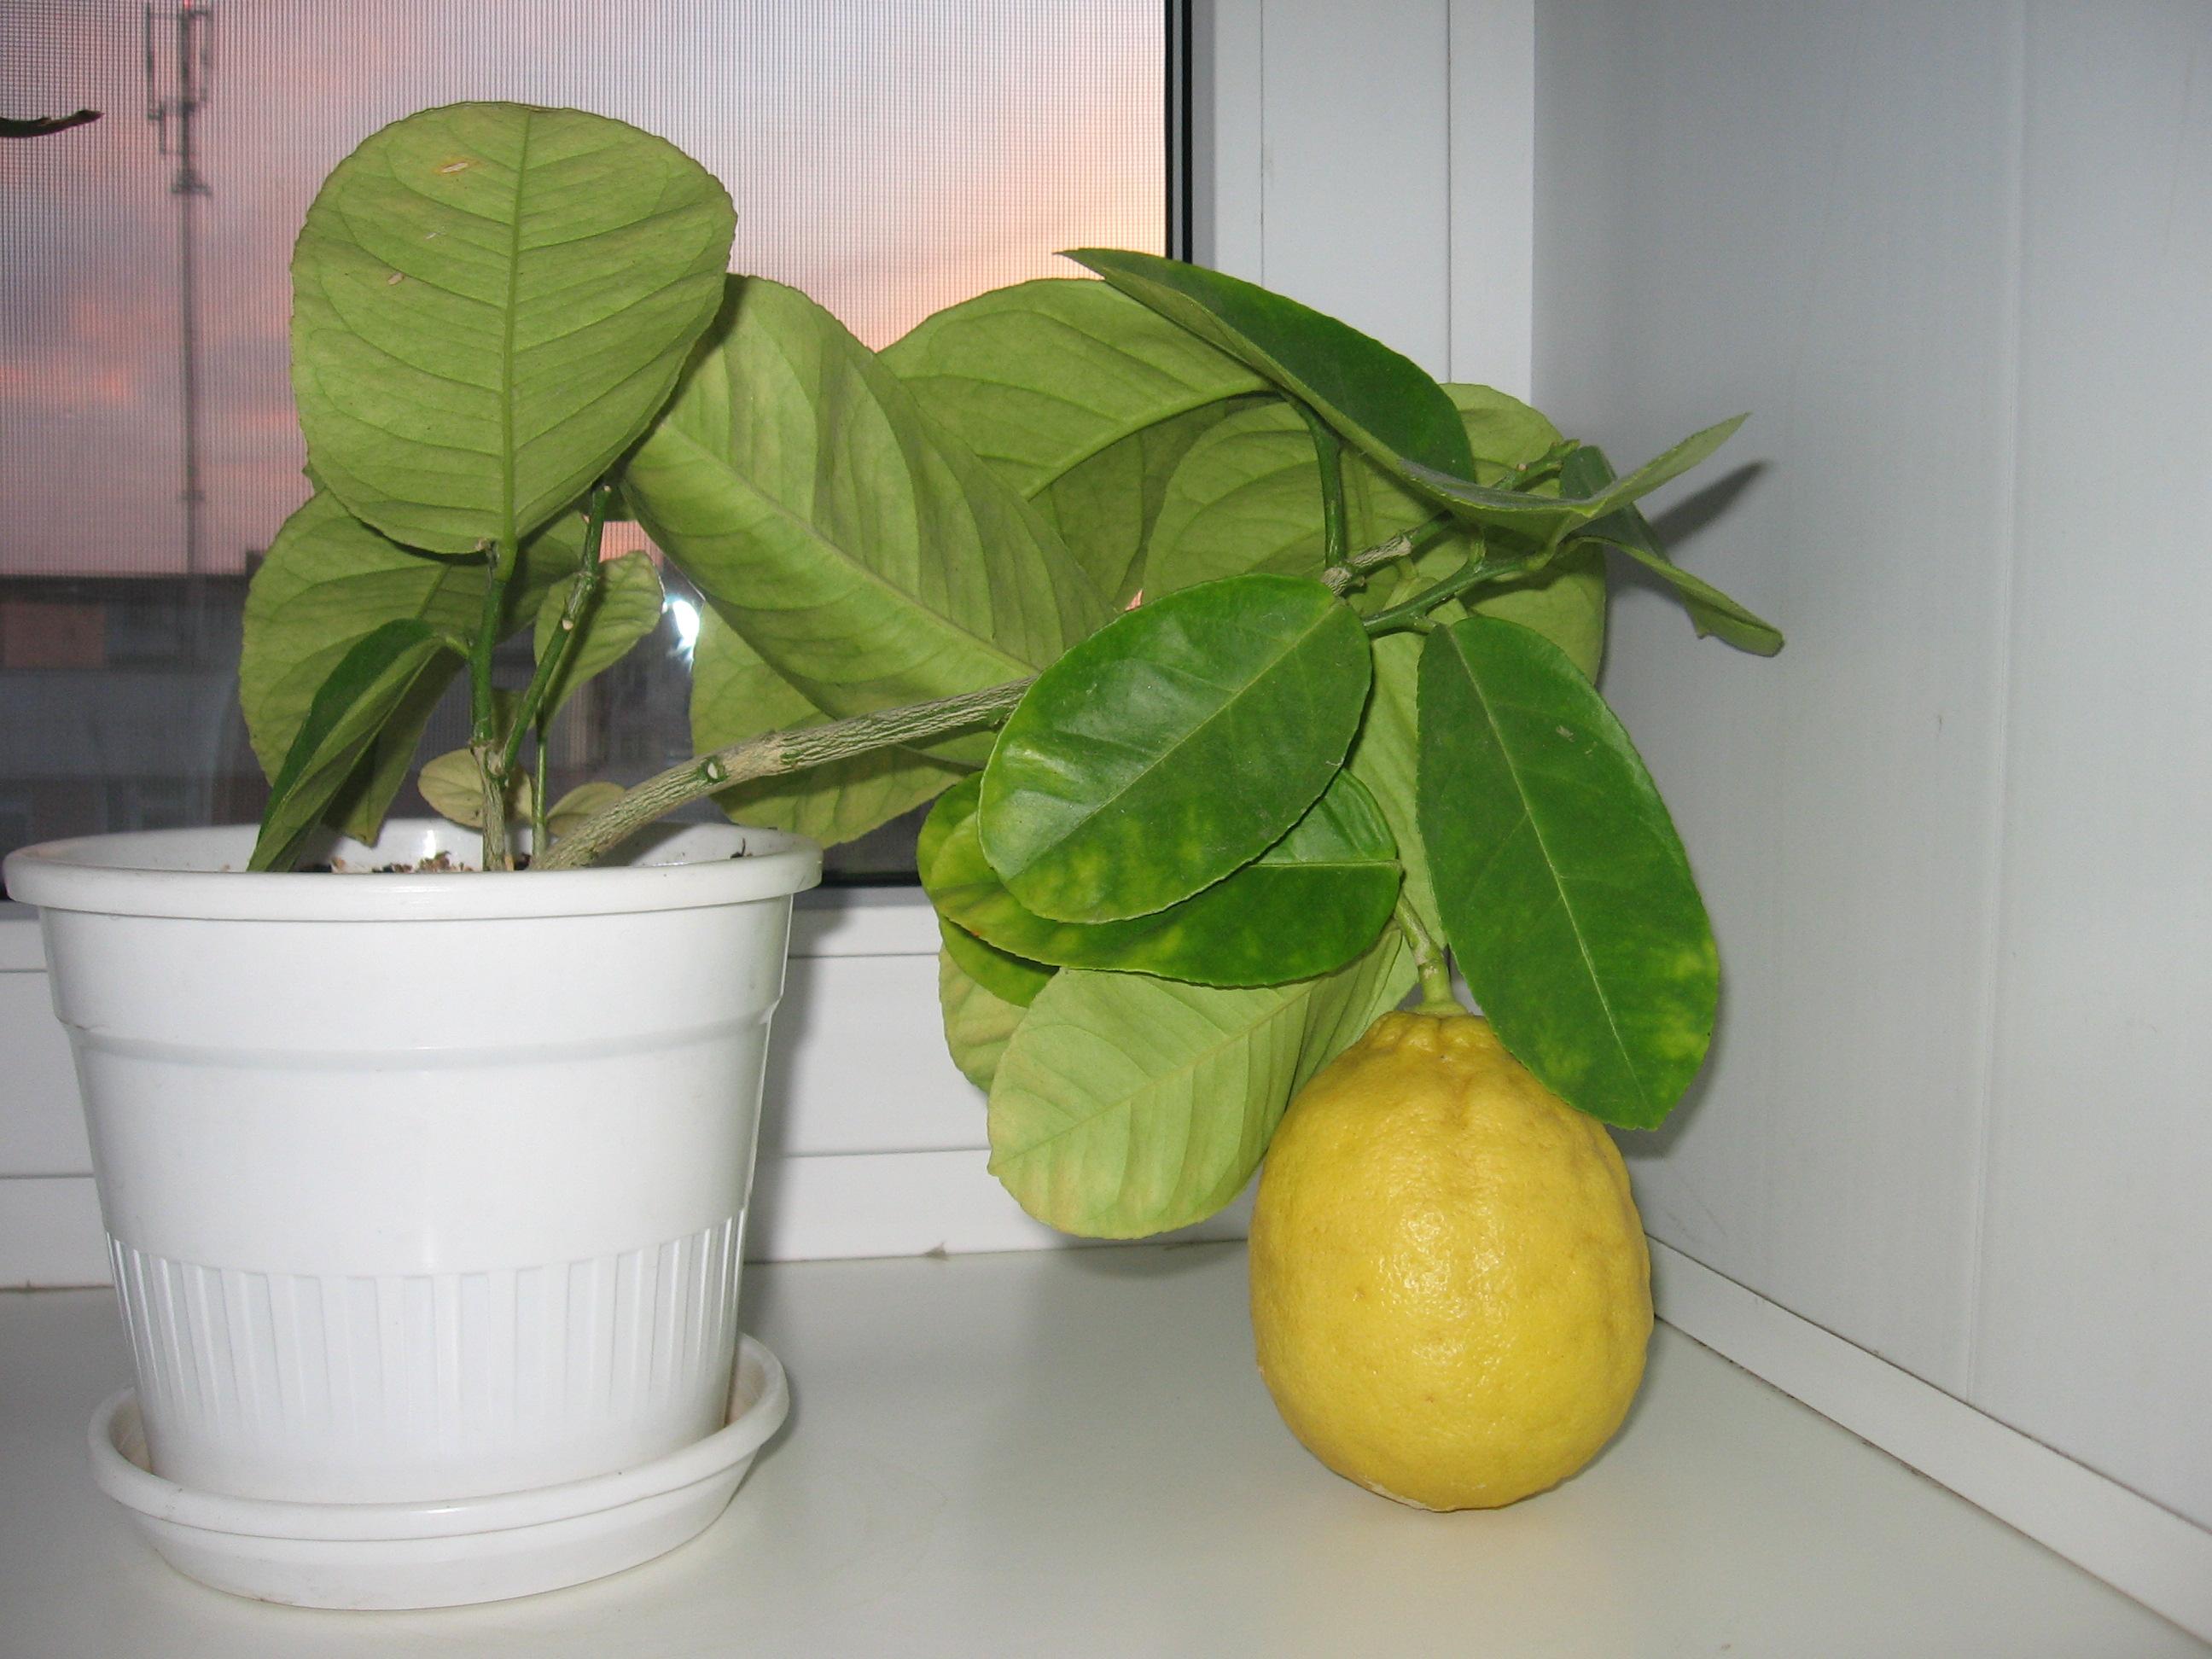 Лимон лунарио: уход в домашних условиях, описание сорта - сельская жизнь